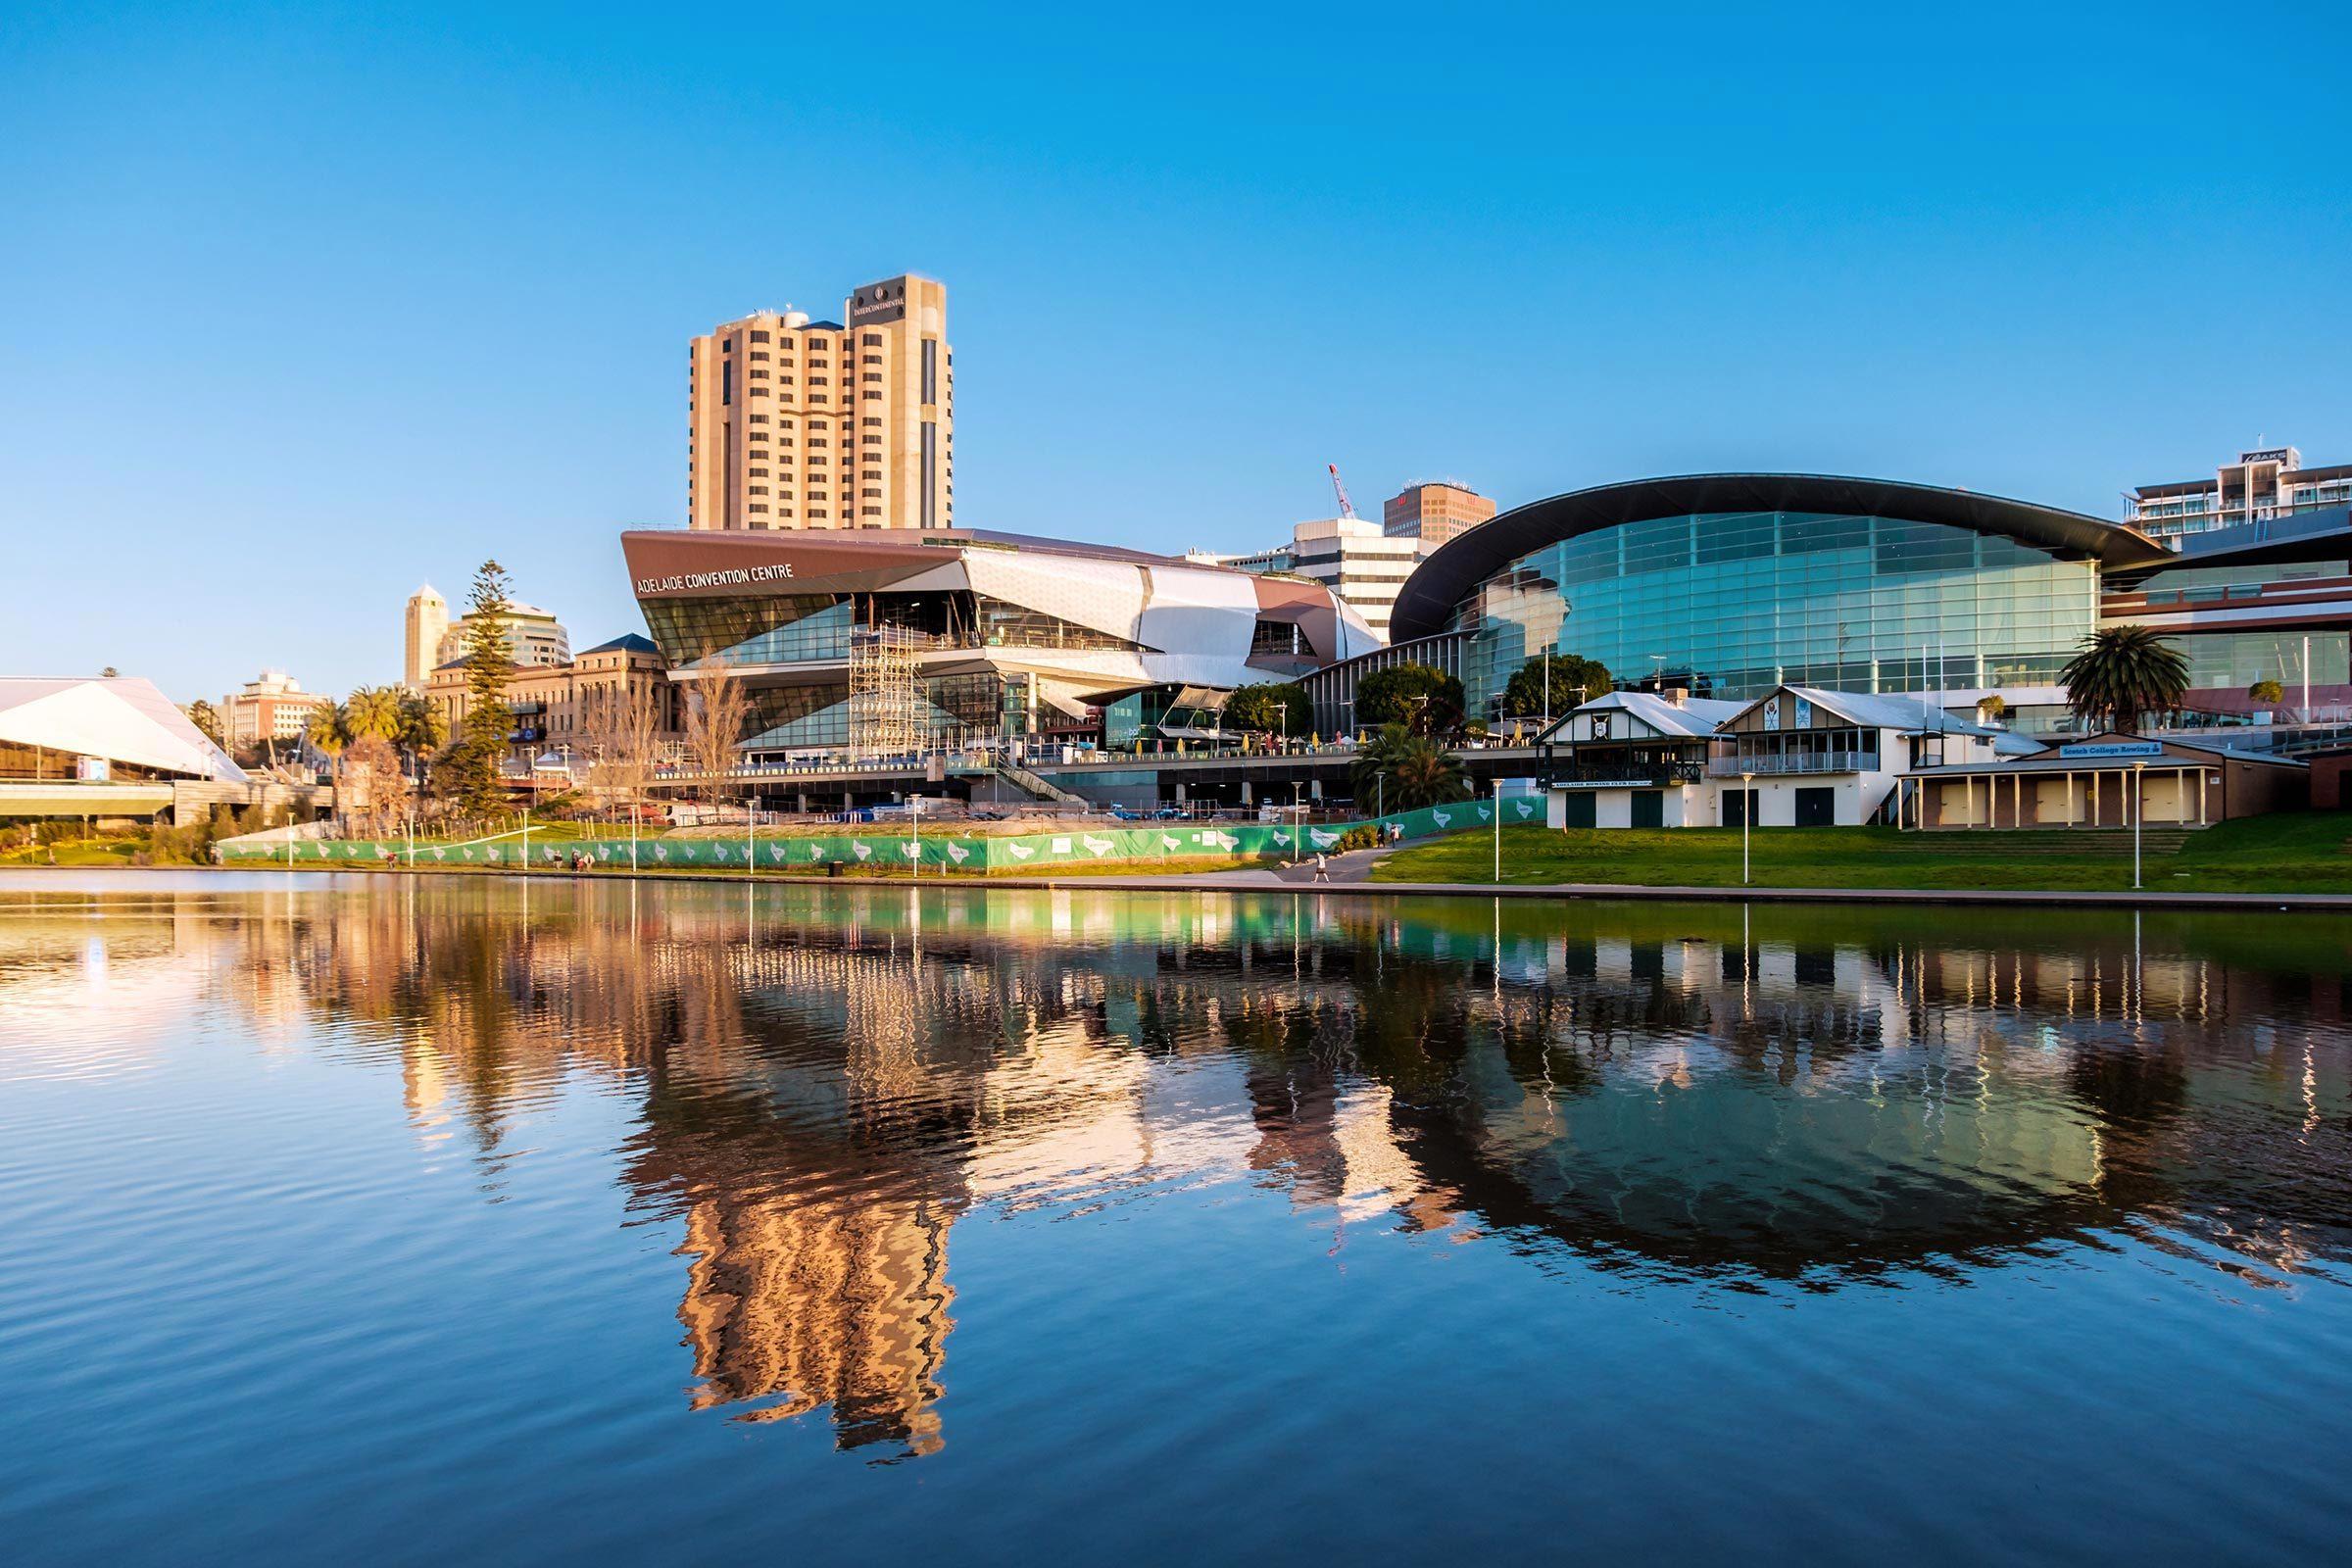 Villes les moins polluées : Adélaïde, Australie.